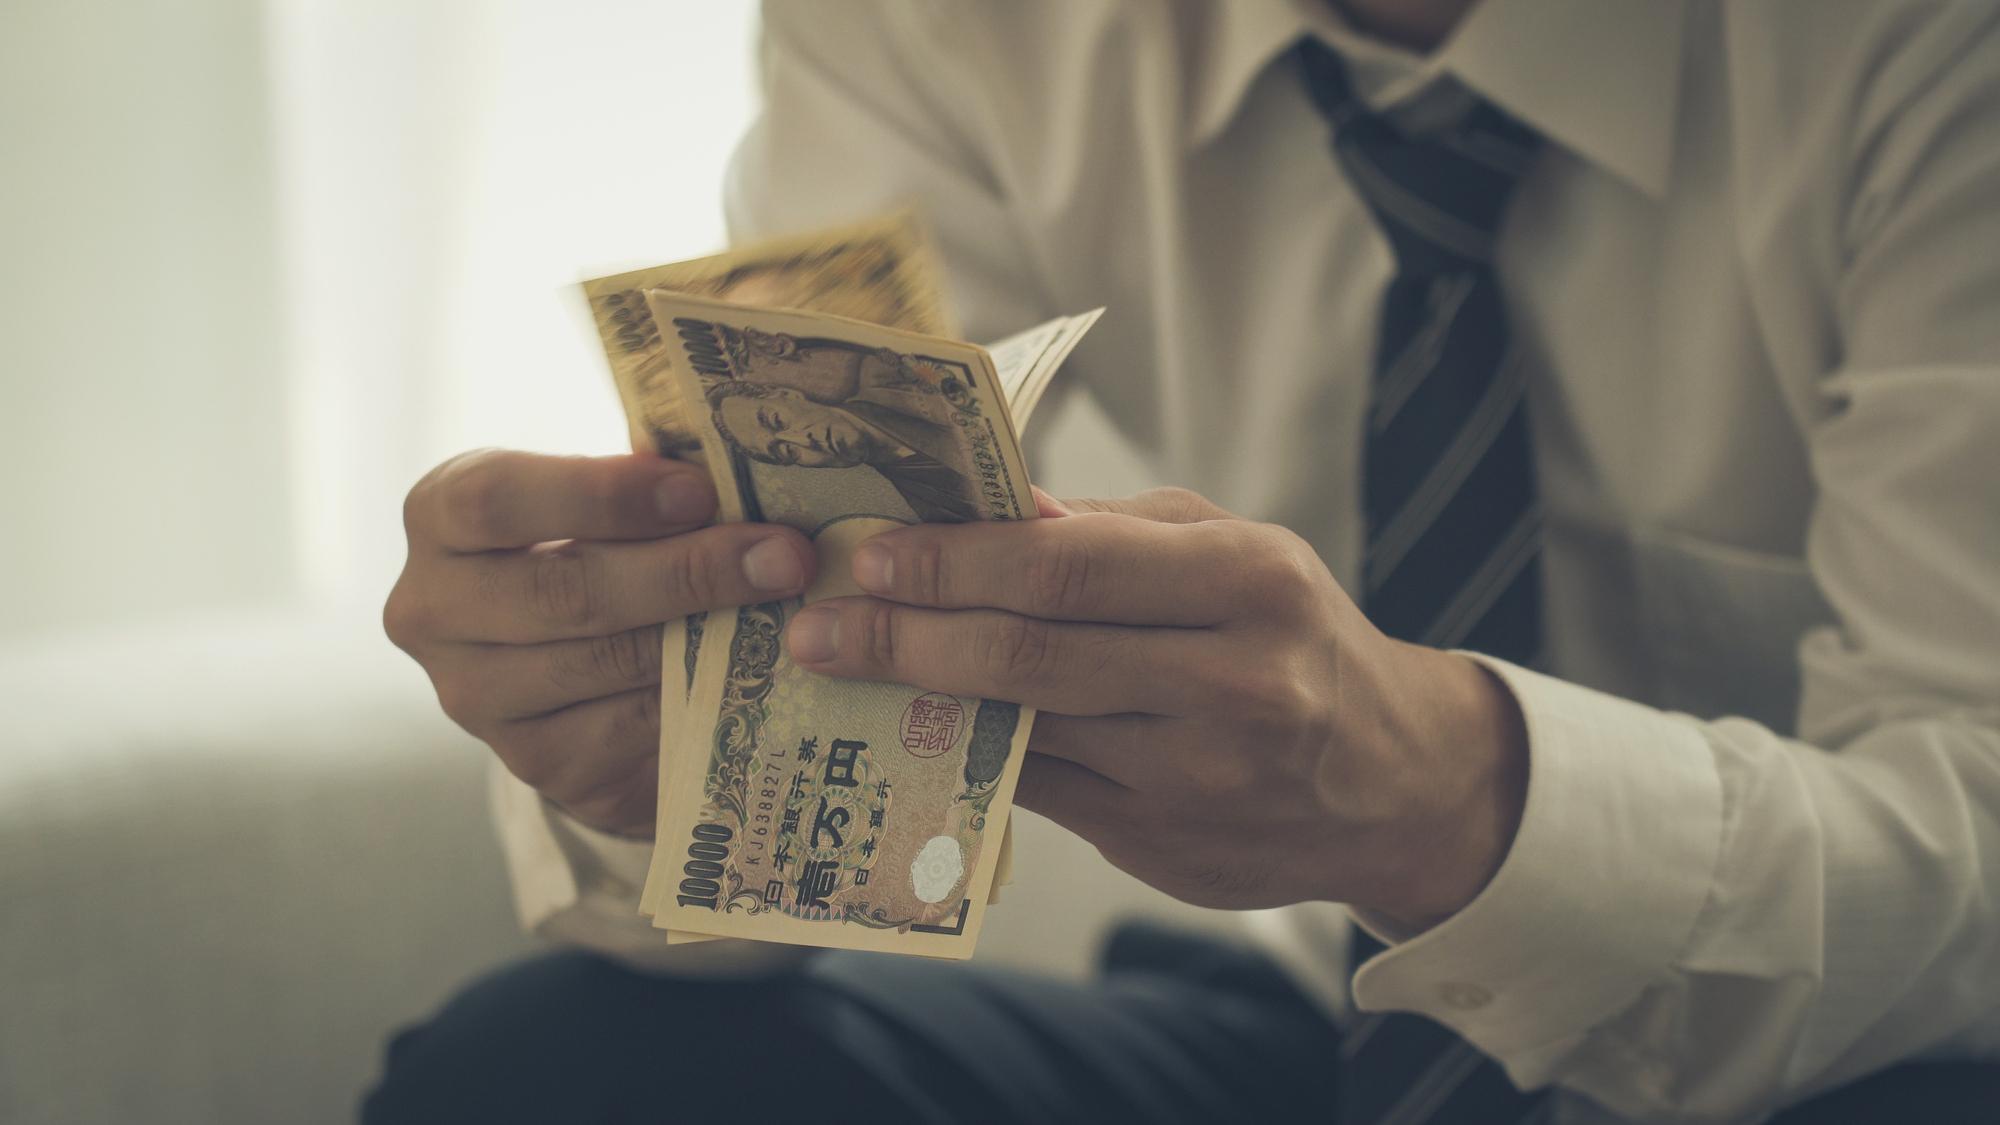 融資詐欺とは?どのような手口なのか?